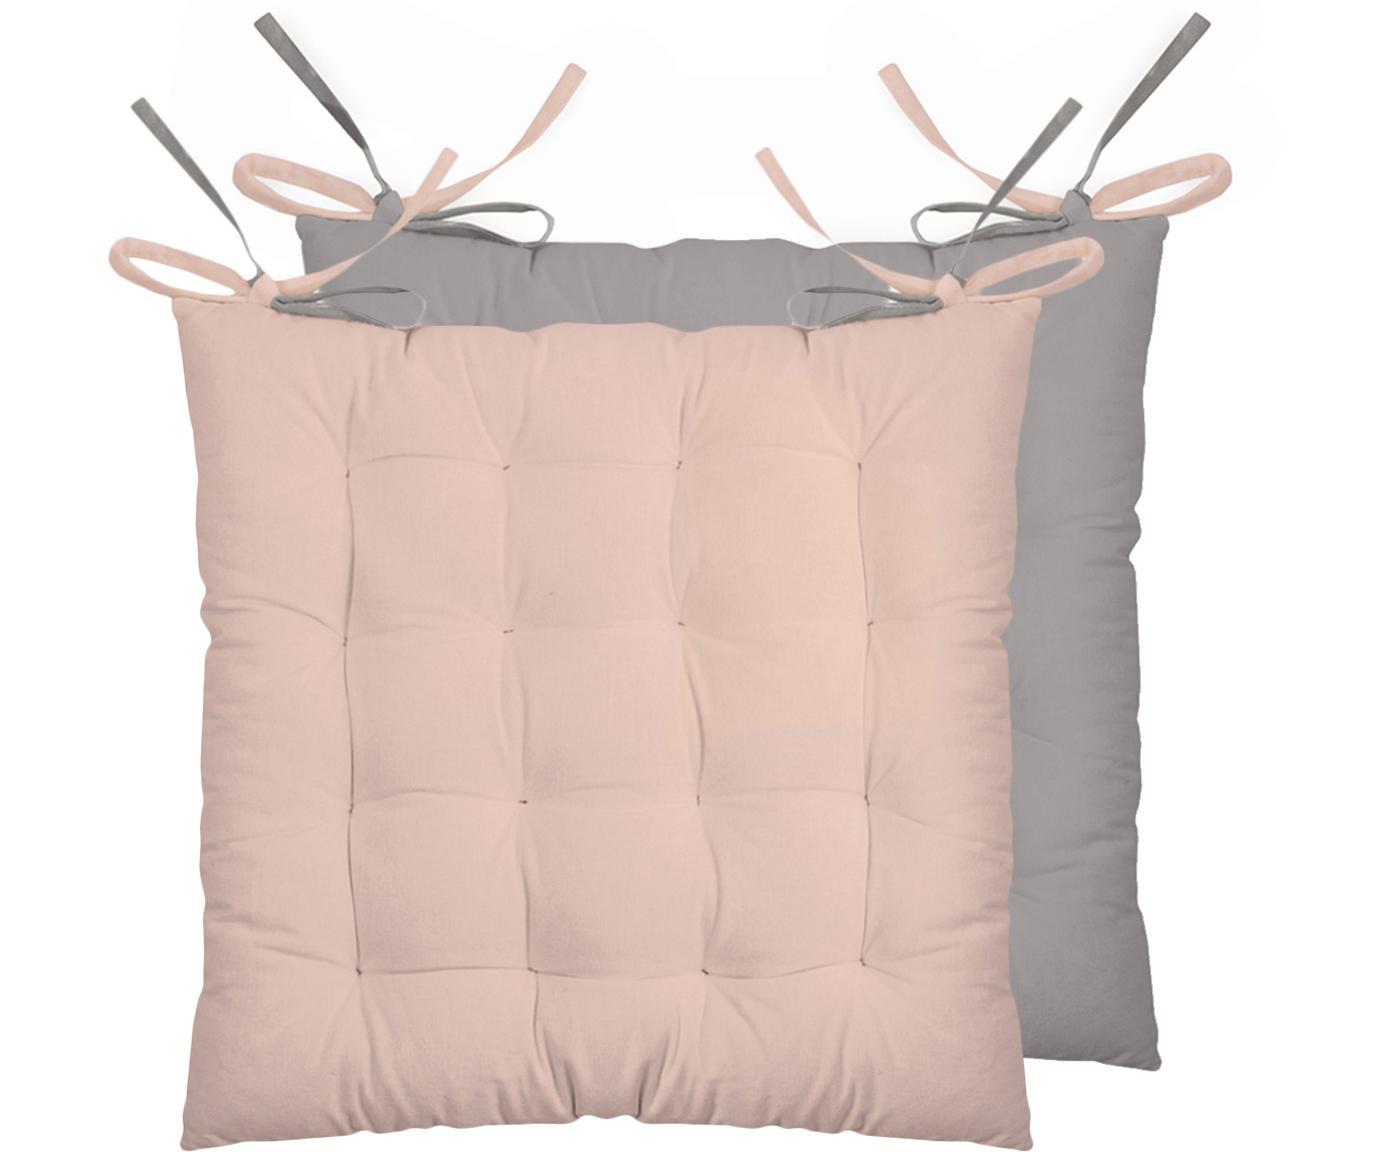 Cuscino reversibile Duo rosa/grigio, 2 pz., Rosa cipria, grigio, Larg. 40 x Lung. 40 cm